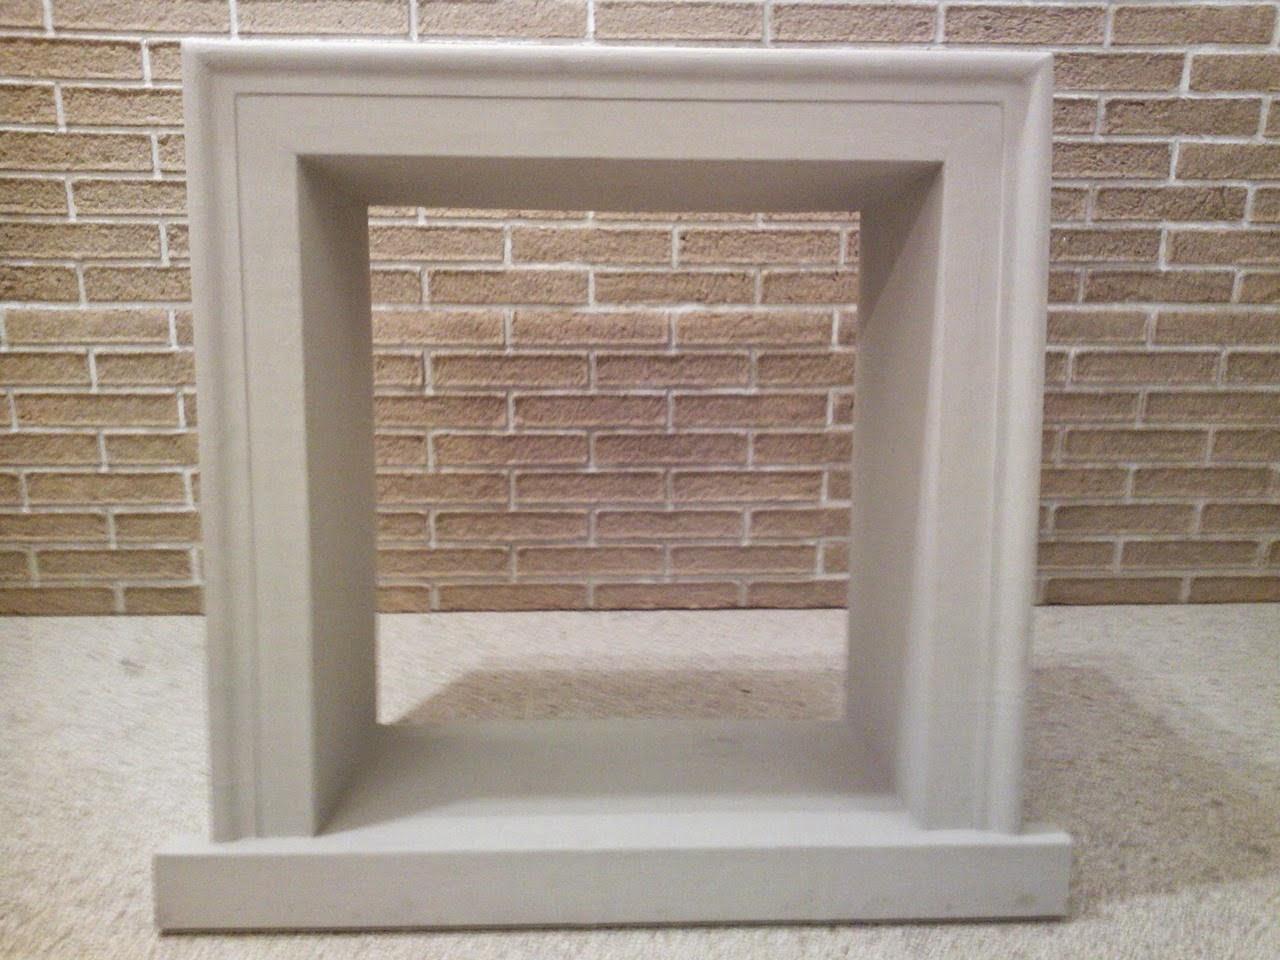 Davanzale termico prolunga soglia davanzale isolante - Davanzale interno finestra ...